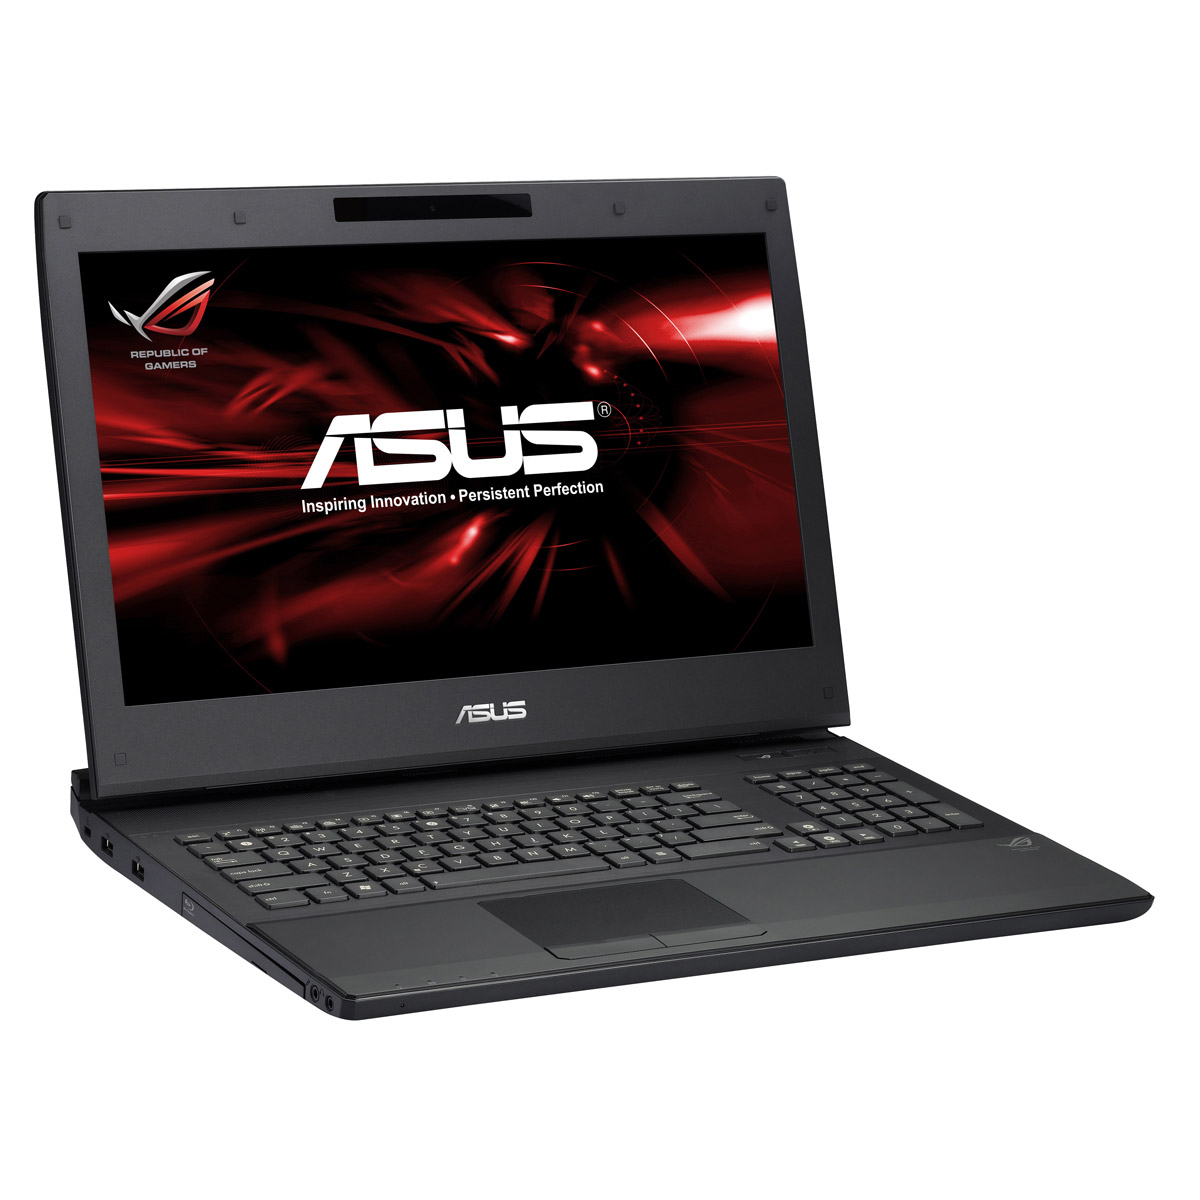 """PC portable ASUS G74SX-TZ378V Intel Core i7-2670QM 8 Go 750 Go + SSD 256 Go 17.3"""" LED NVIDIA GeForce GTX 560M Graveur DVD Wi-Fi N/BT Webcam Windows 7 Premium 64 bits (garantie constructeur 2 ans)"""